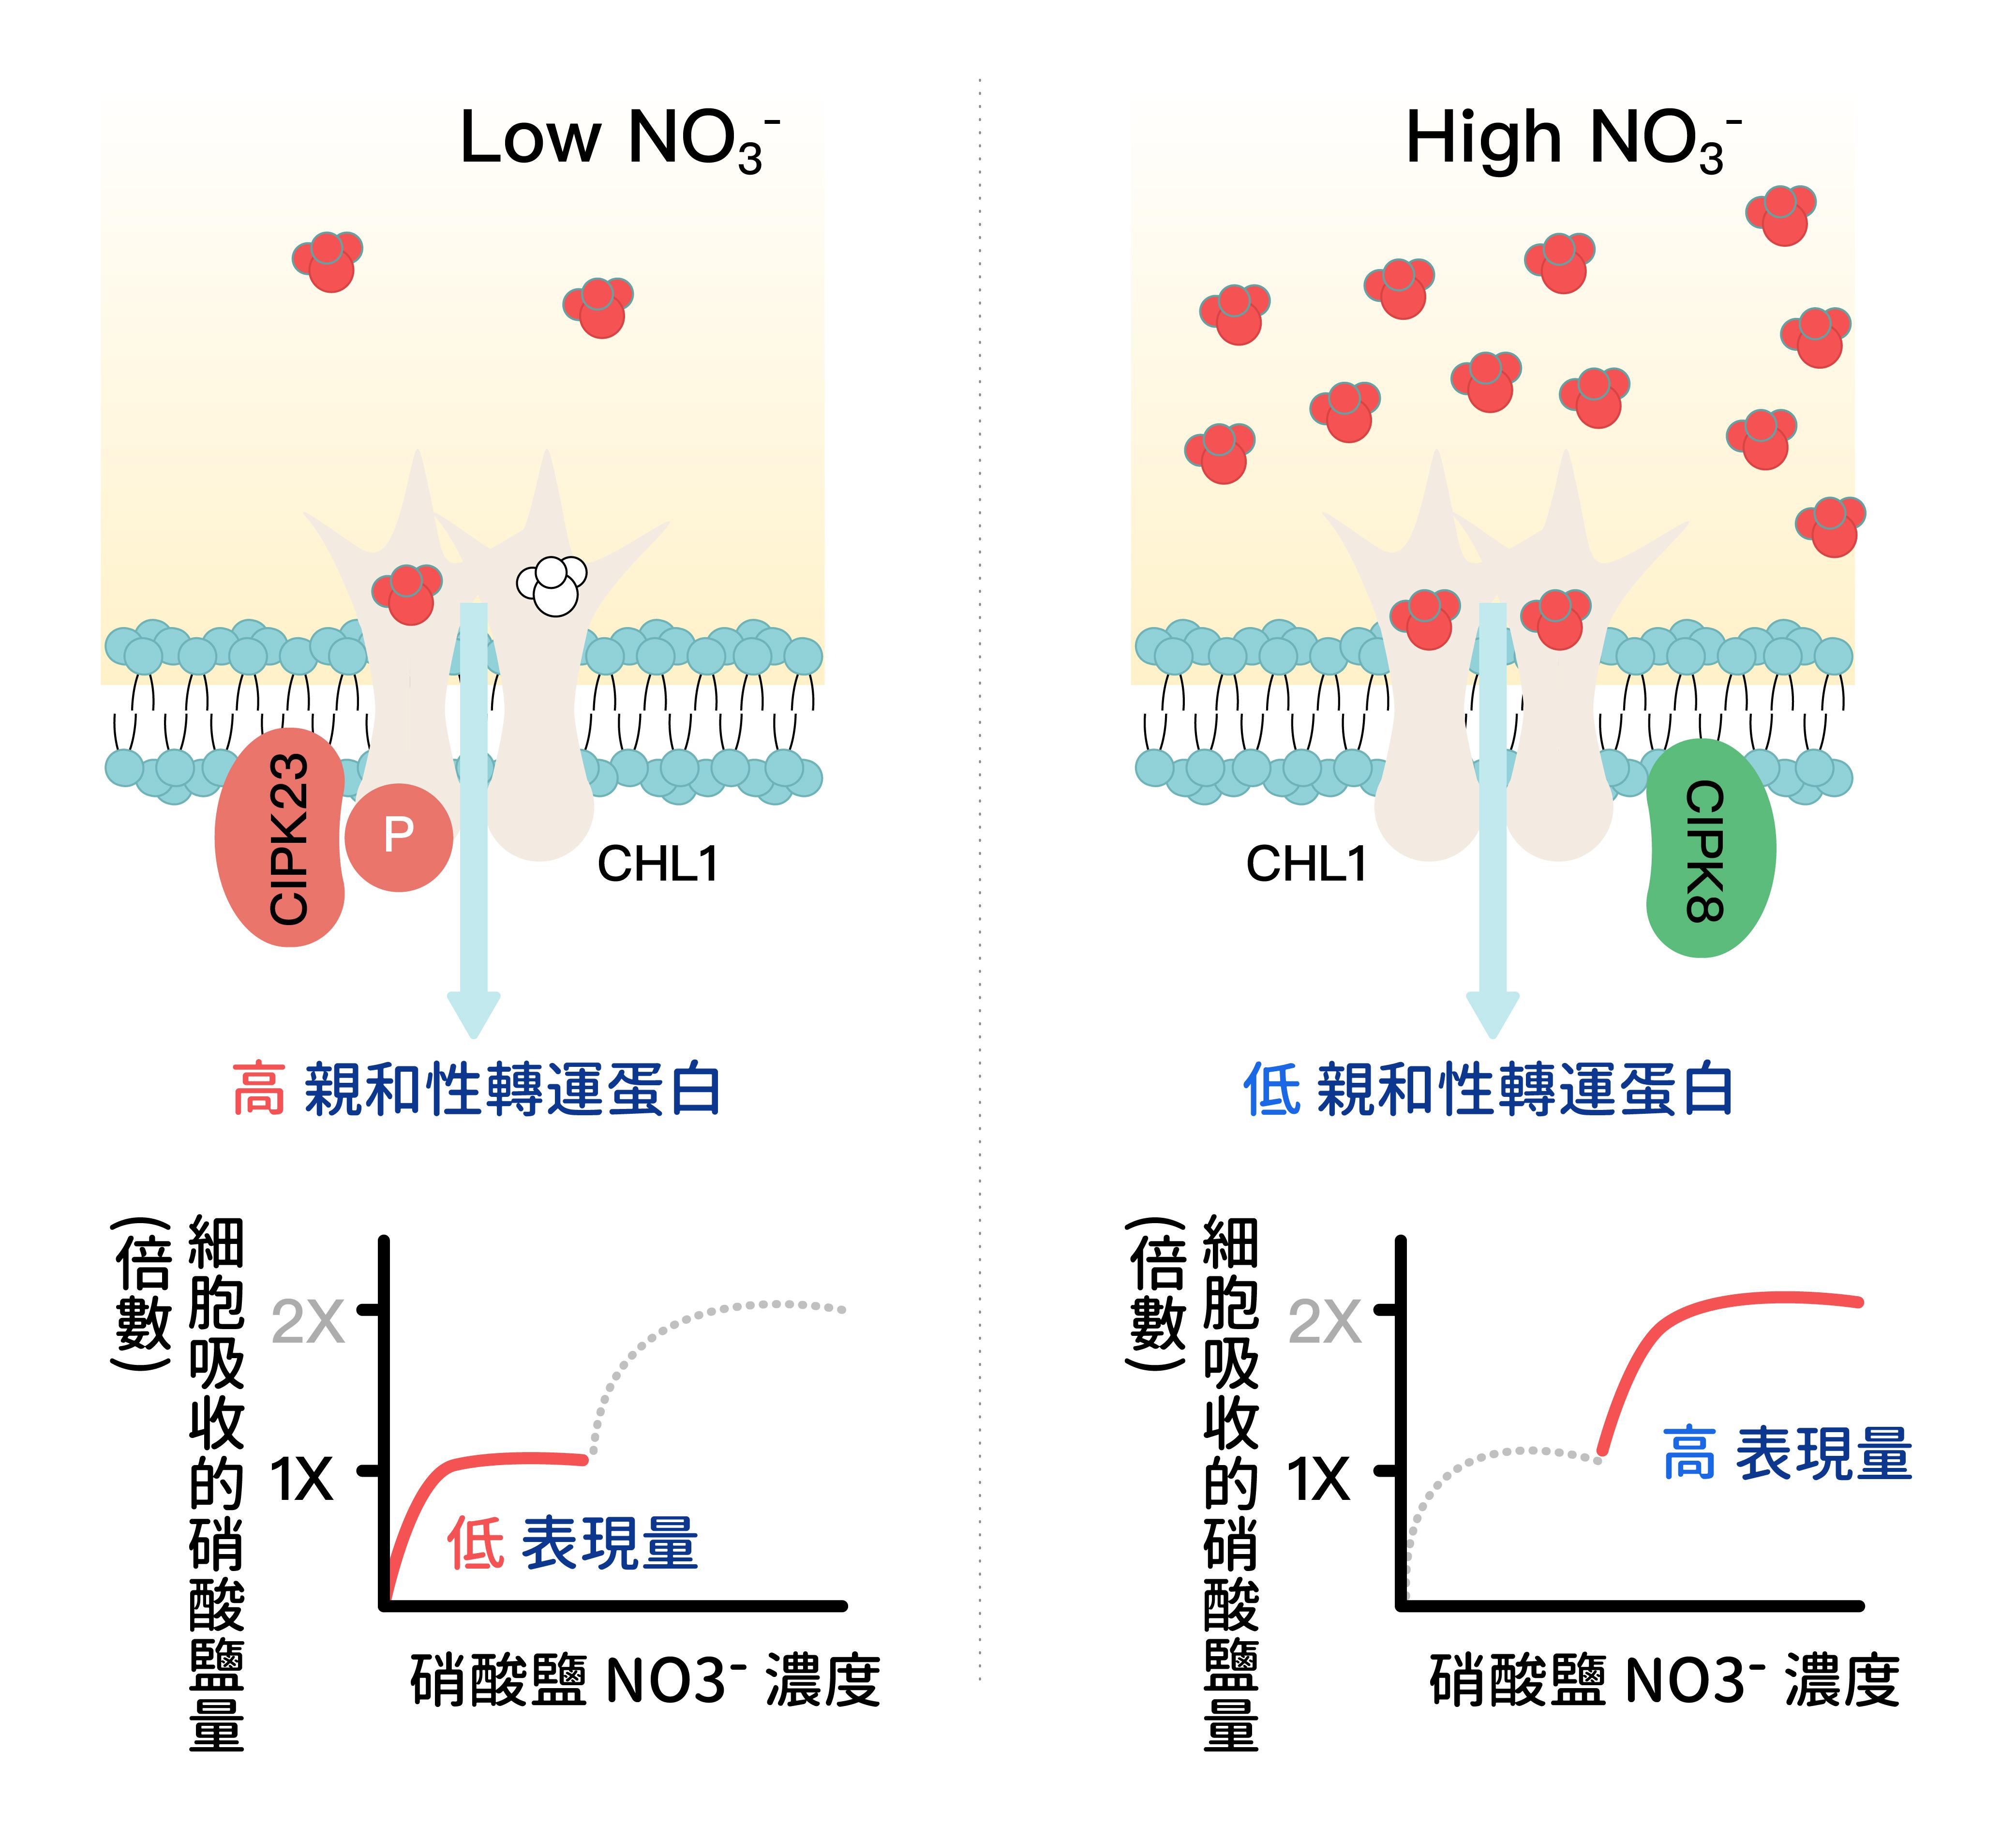 (左圖)當環境中硝酸鹽濃度較低時,CHL1 會因磷酸化,而成為高親和性的轉運蛋白。 (右圖)當硝酸鹽濃度較高時,CHL1則被去磷酸化,以轉換成低親和性的轉運蛋白。 資料來源│K.-H. Liu and Y.-F. Tsay*. (2003) Switching between the two action modes of the dual-affinity nitrate transporter CHL1 by phosphorylation.EMBO J.22:1005-1013.